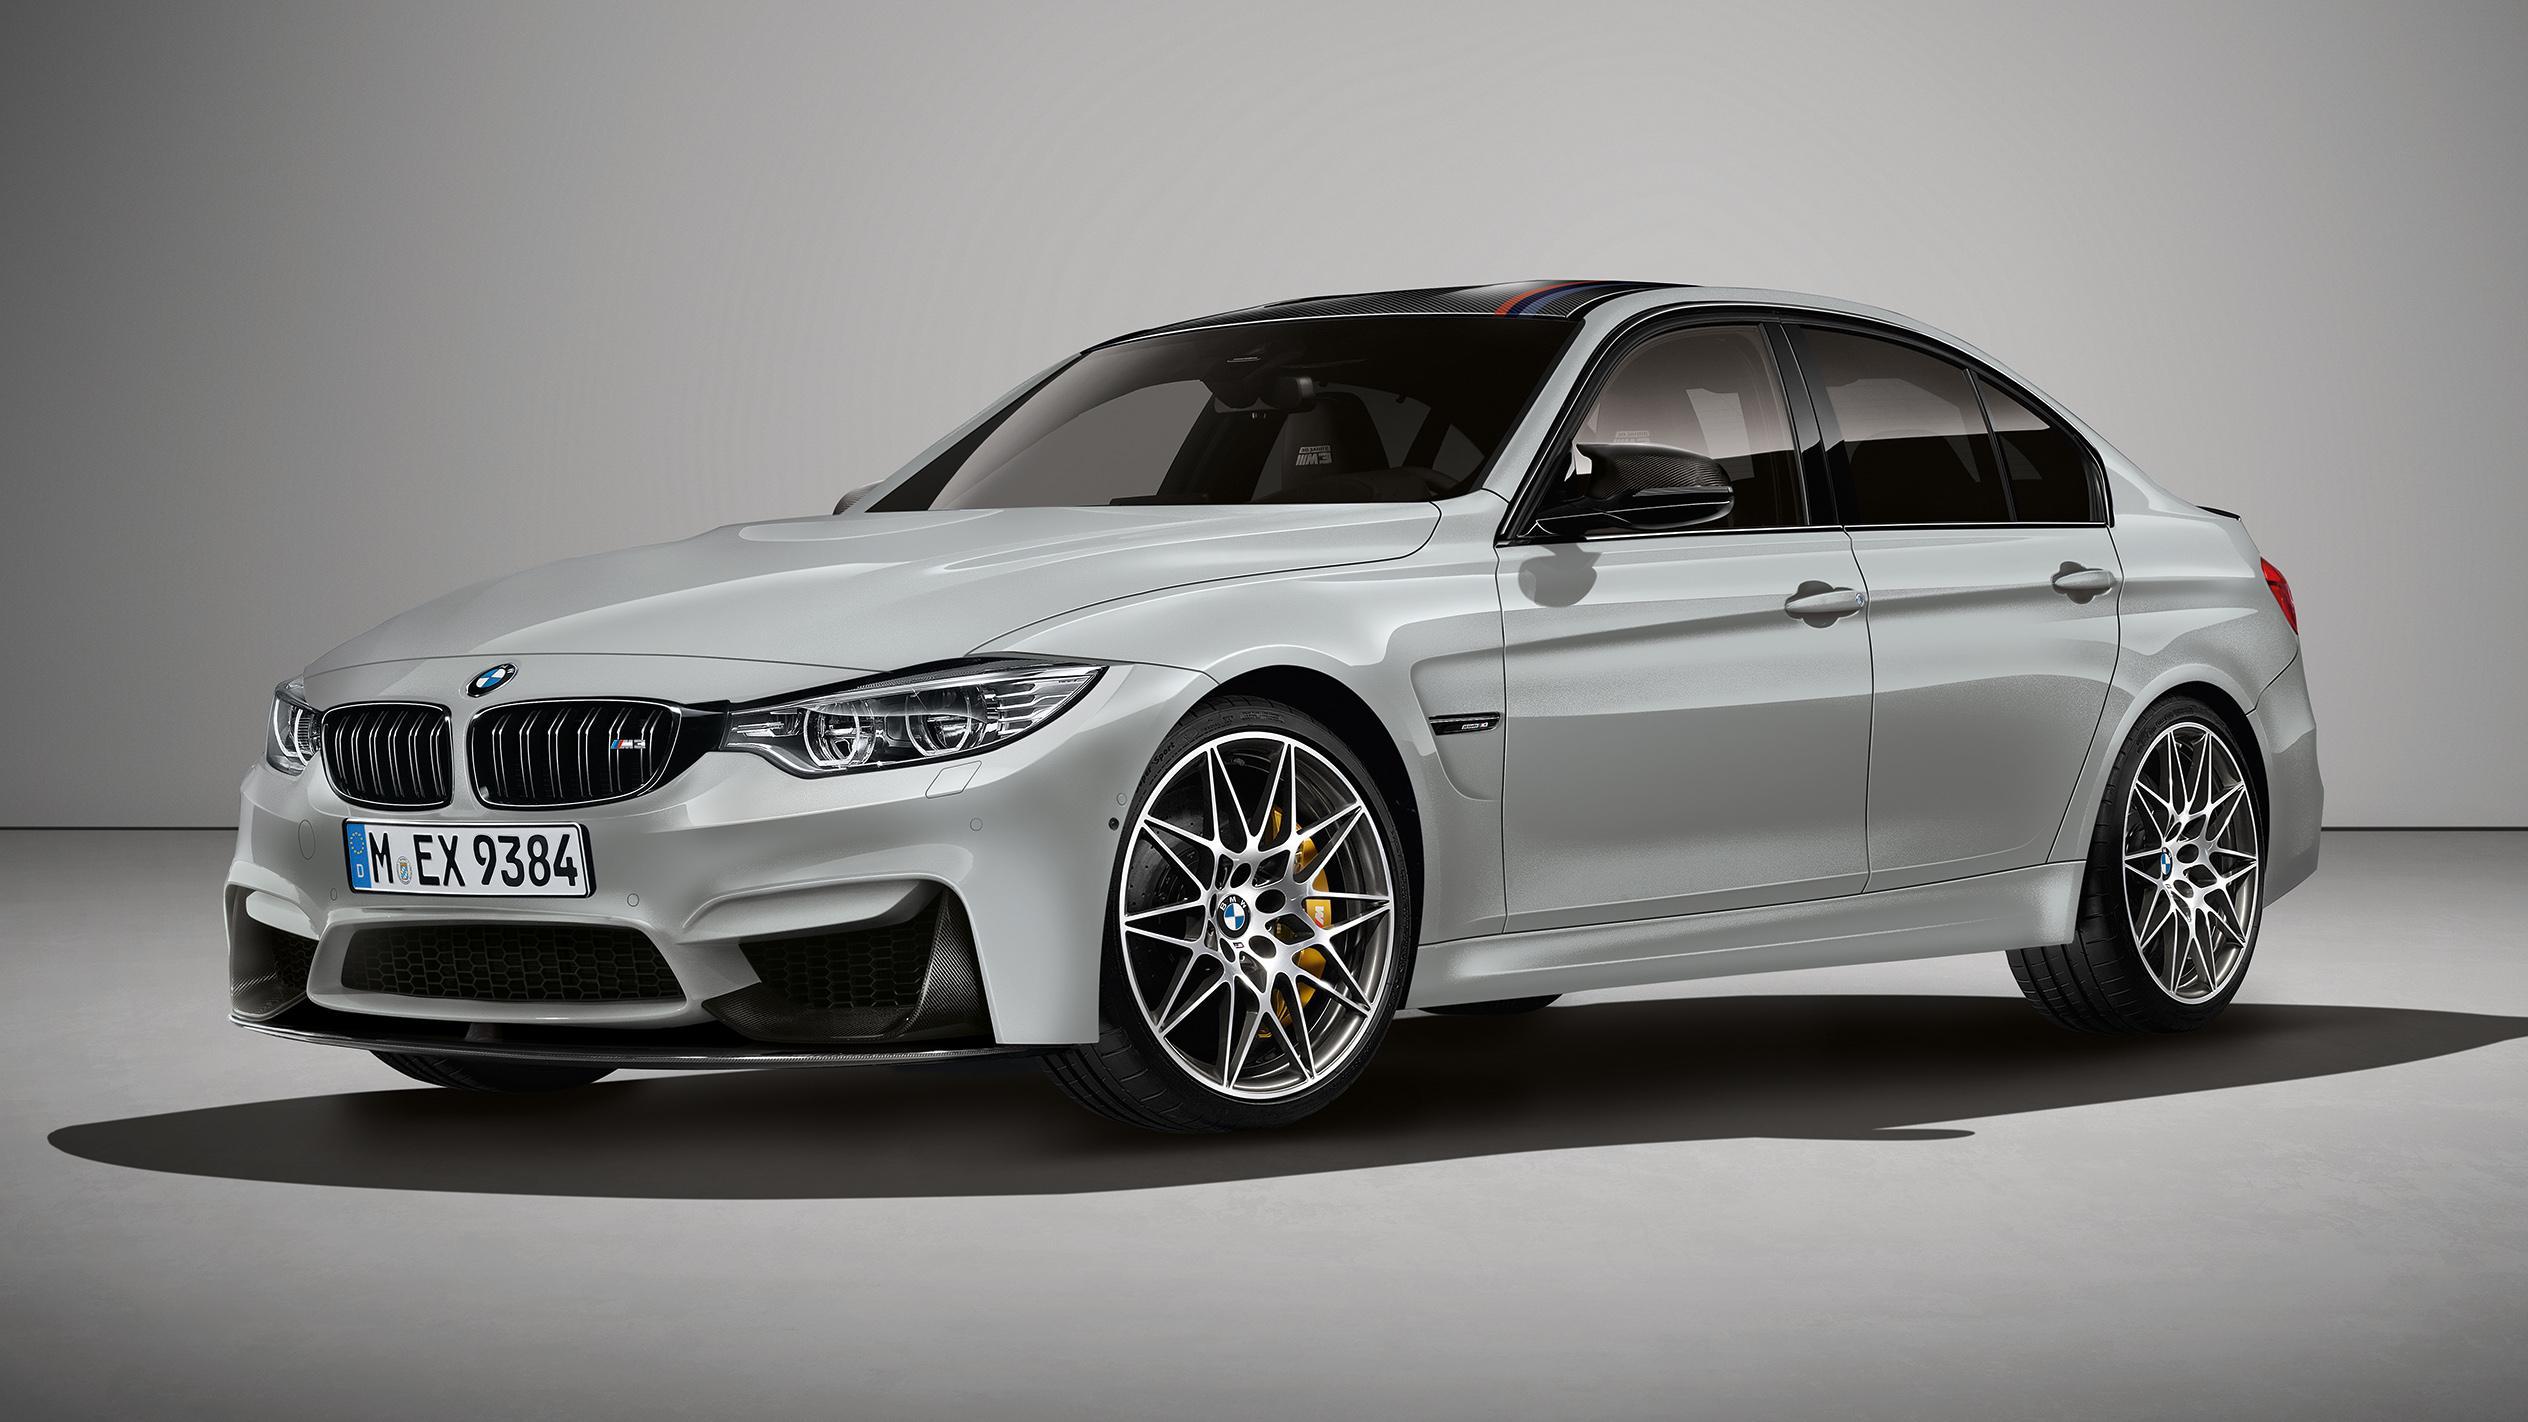 BMW M3 '30 Jahre': 500 unidades para celebrar el 30 aniversario 10